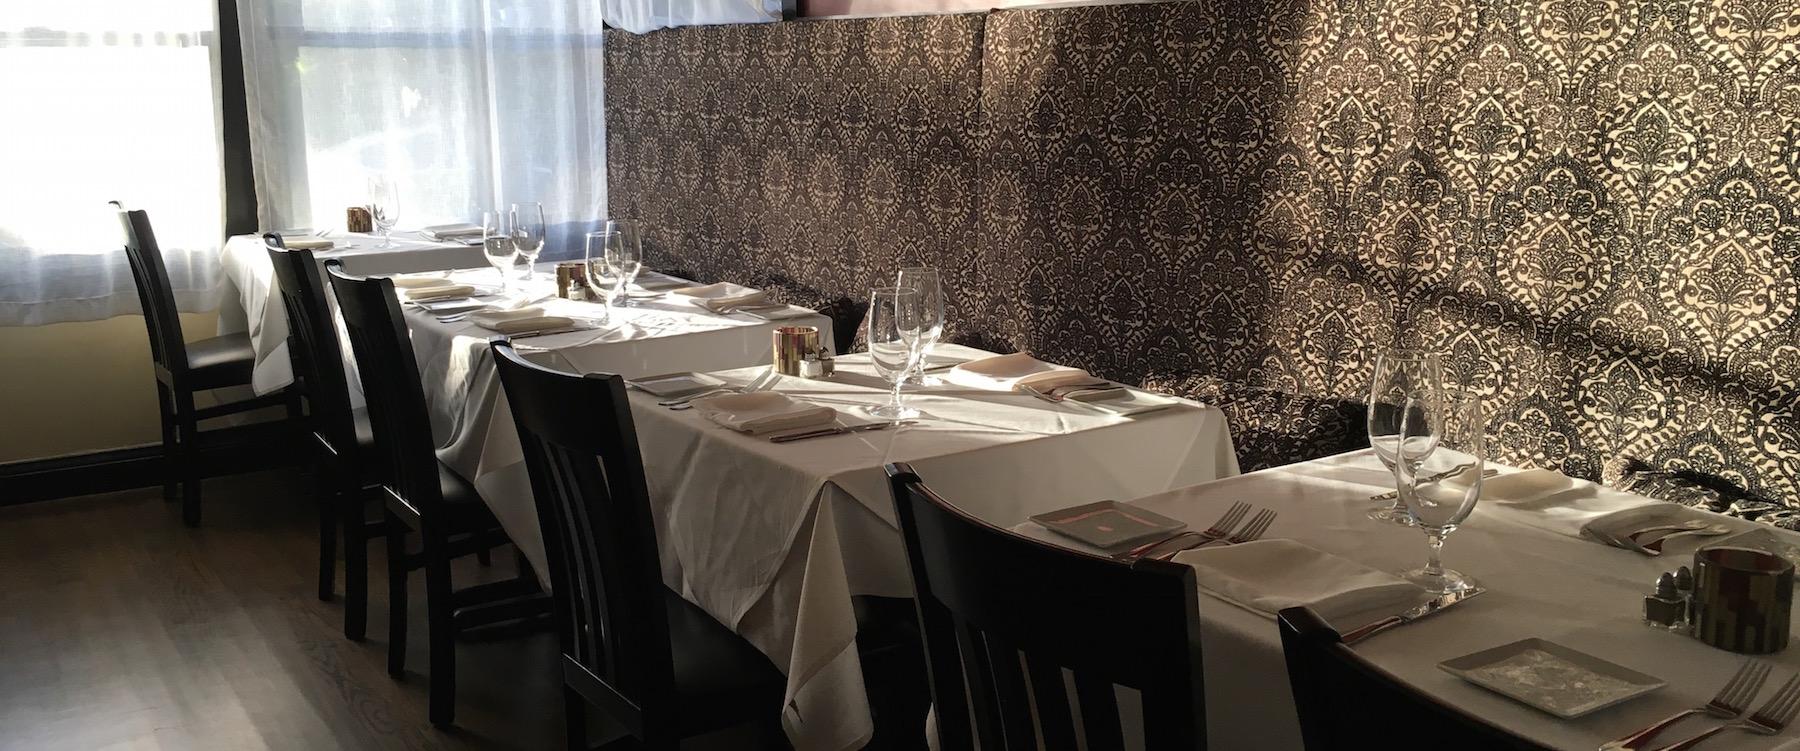 detente_dining_room_marthas_vineyard.jpg